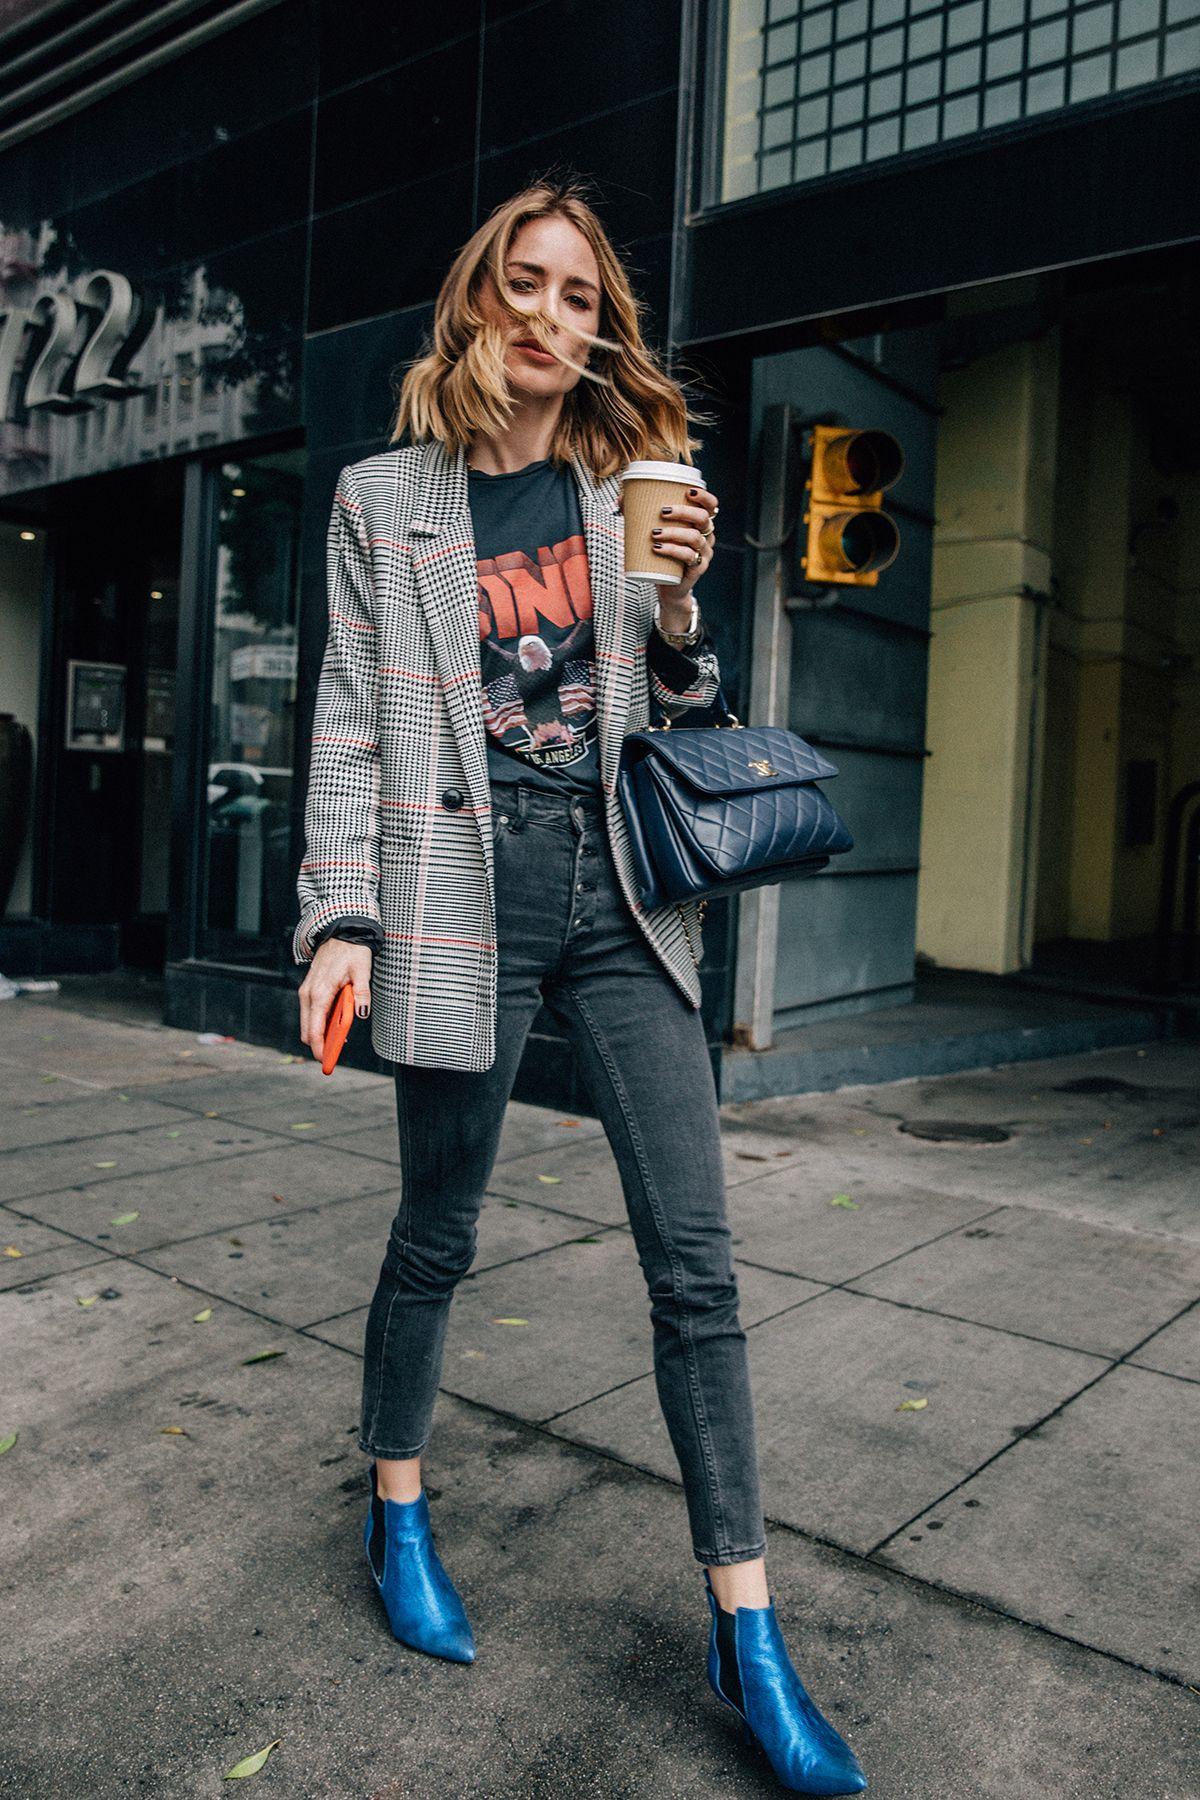 phong cách thời trang menswear áo blazer kẻ ô và áo thun đen in chữ